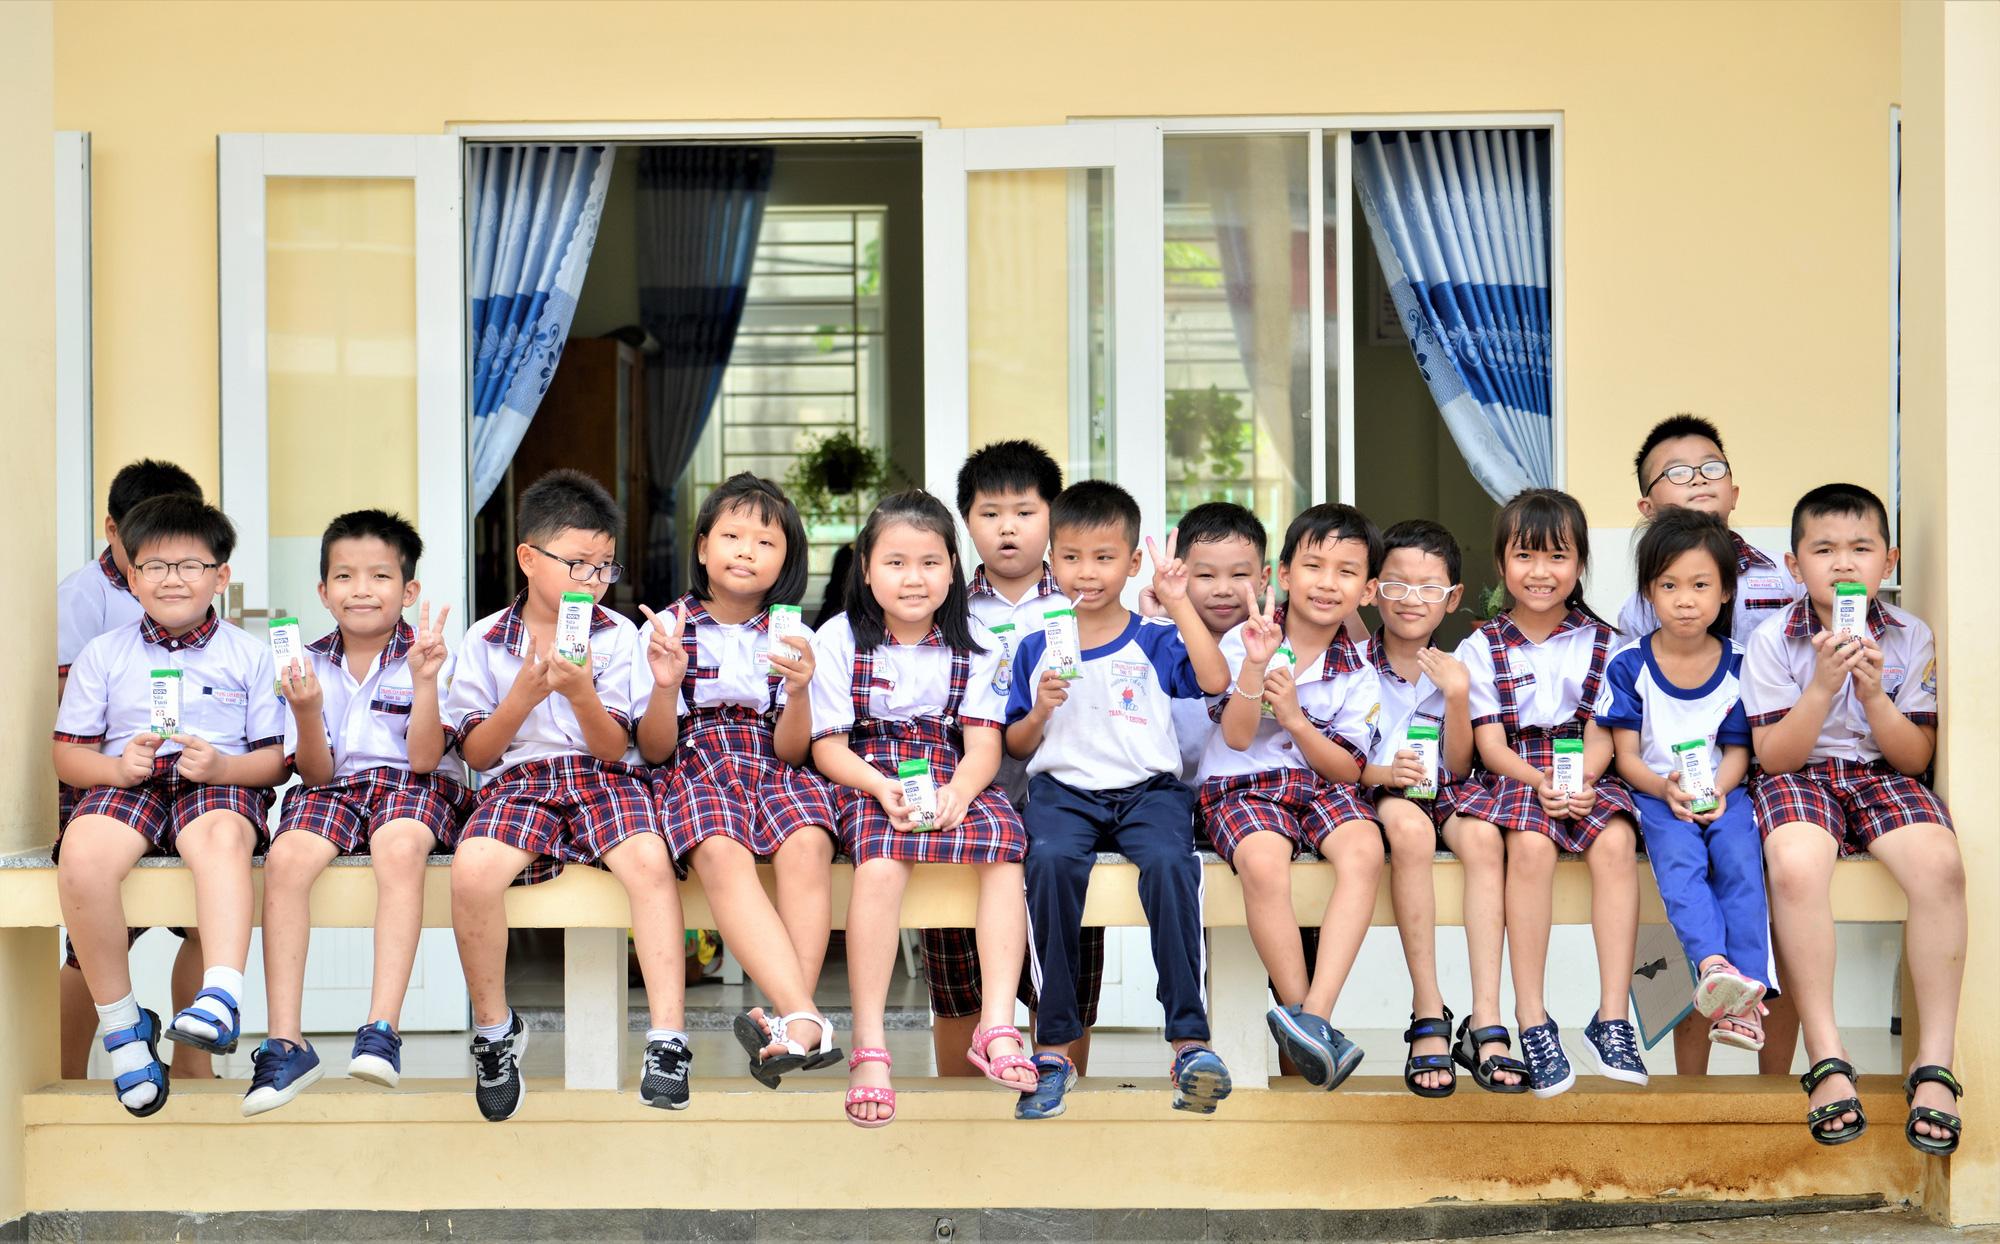 """Những giờ uống sữa """"vui khoẻ, an toàn"""" của học sinh TP.HCM - Ảnh 7."""